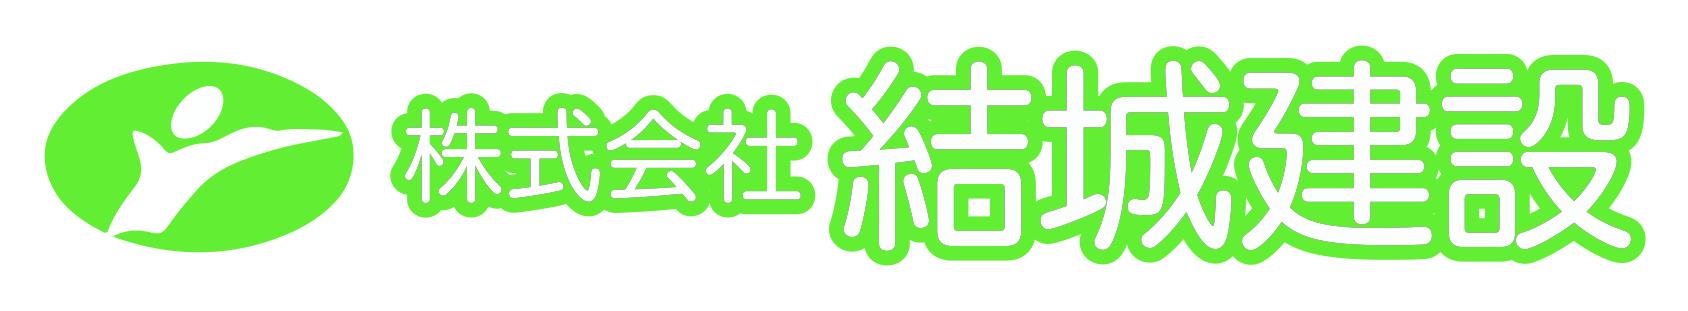 結城建設のロゴマーク